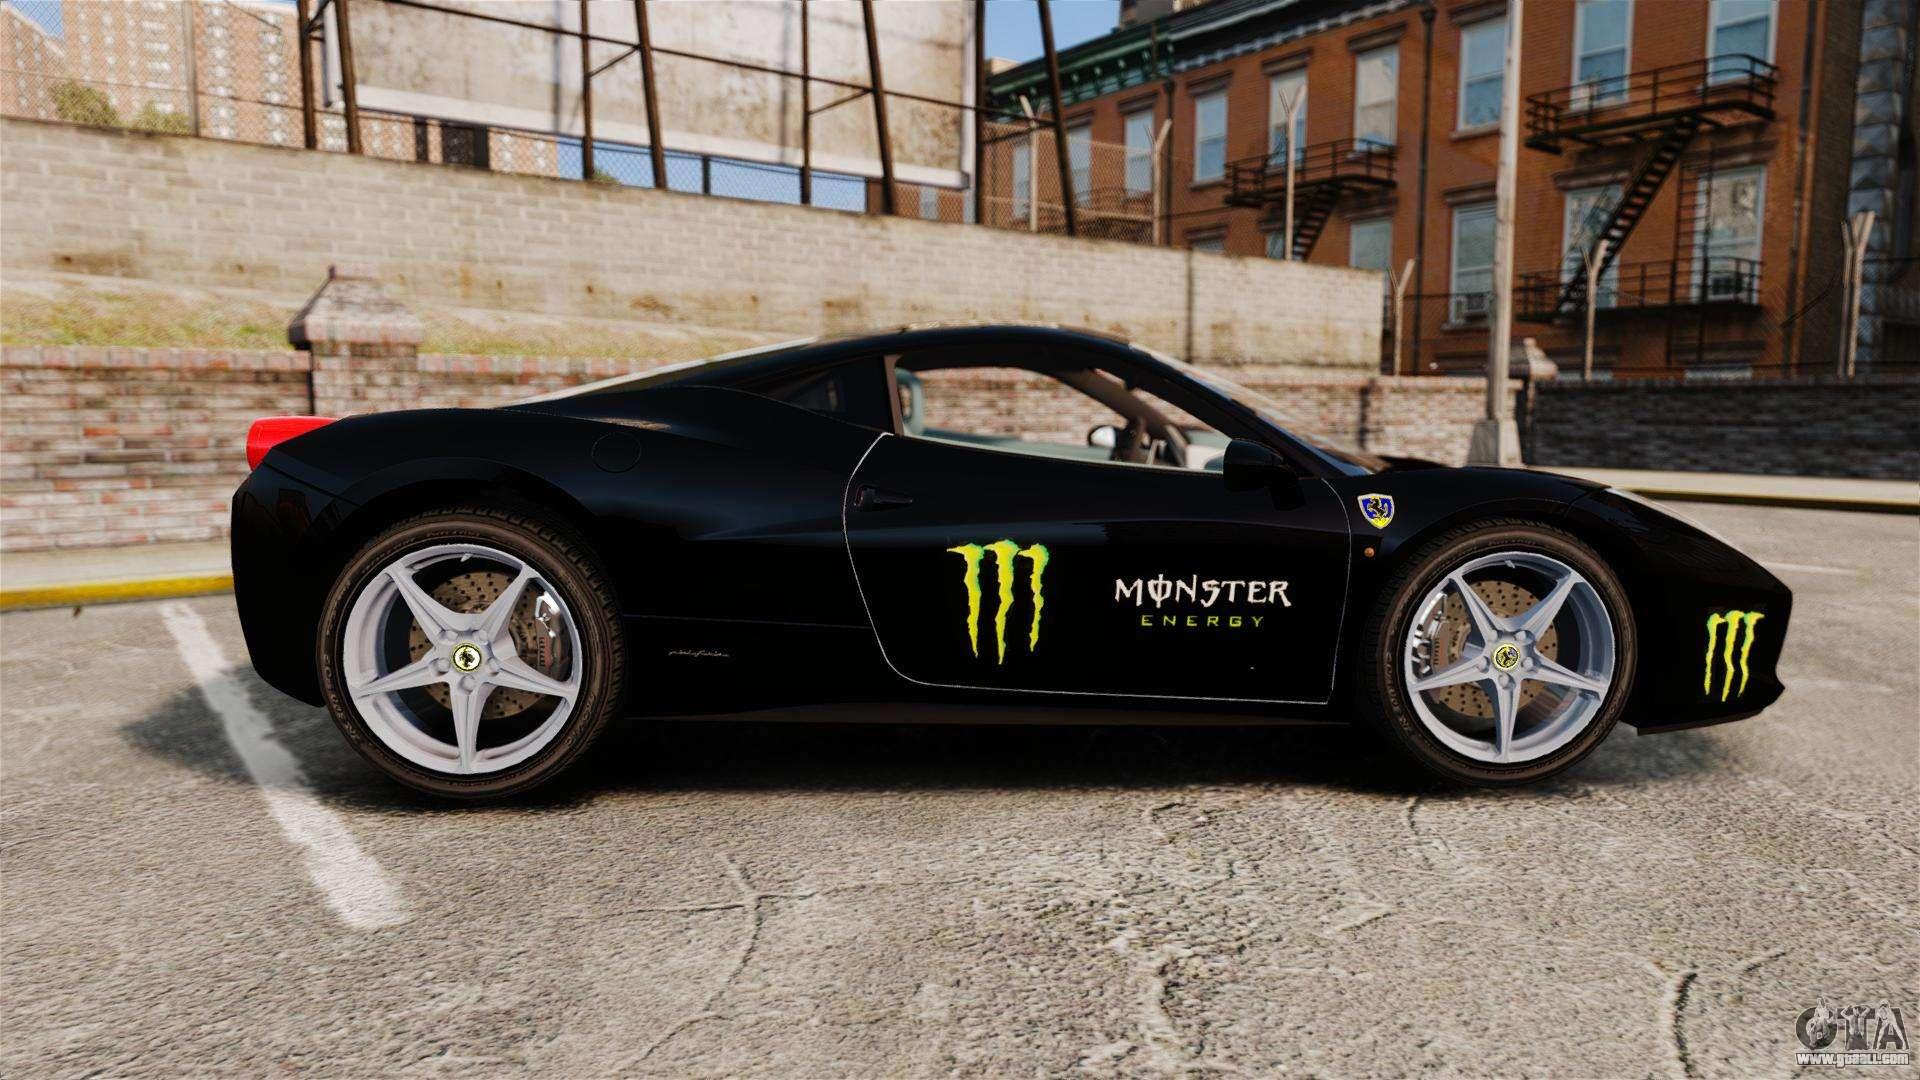 monster energy ferrari 458 - photo #13